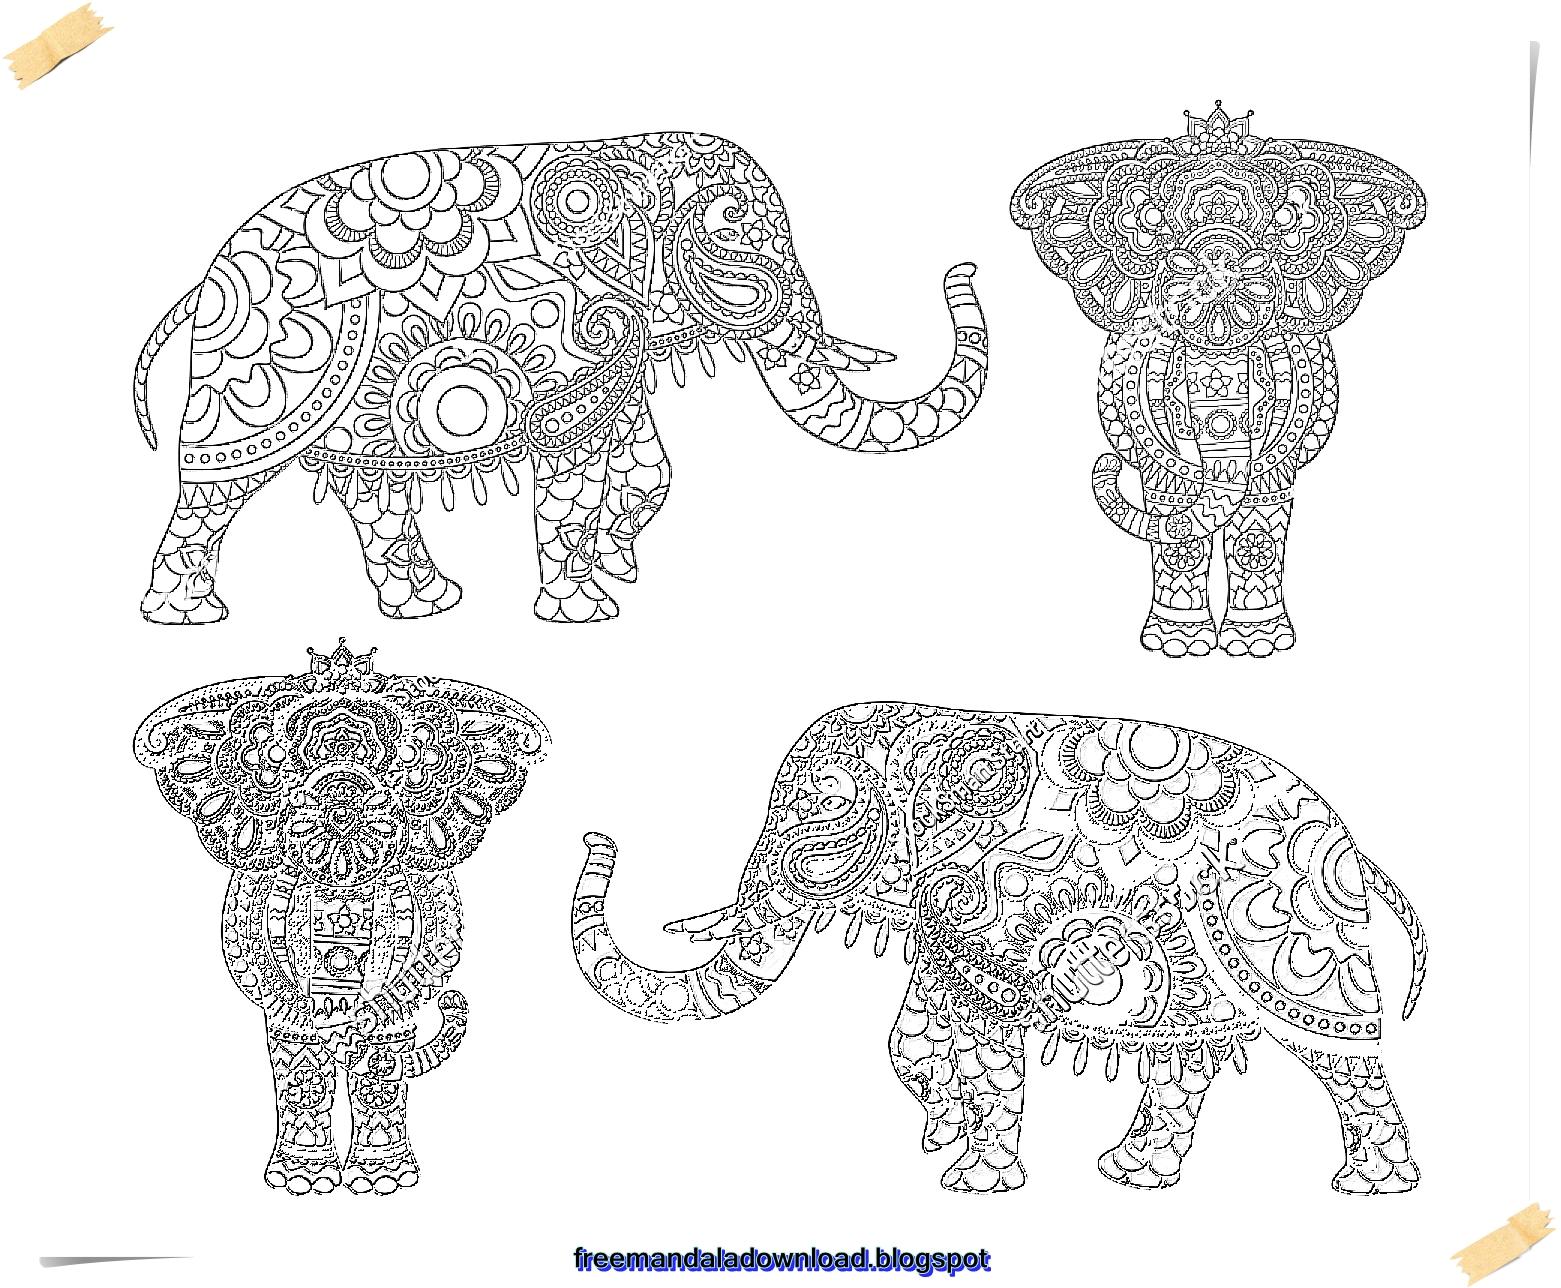 Groß Ausmalbild Afrikanischer Elefant Bilder - Malvorlagen Von ...